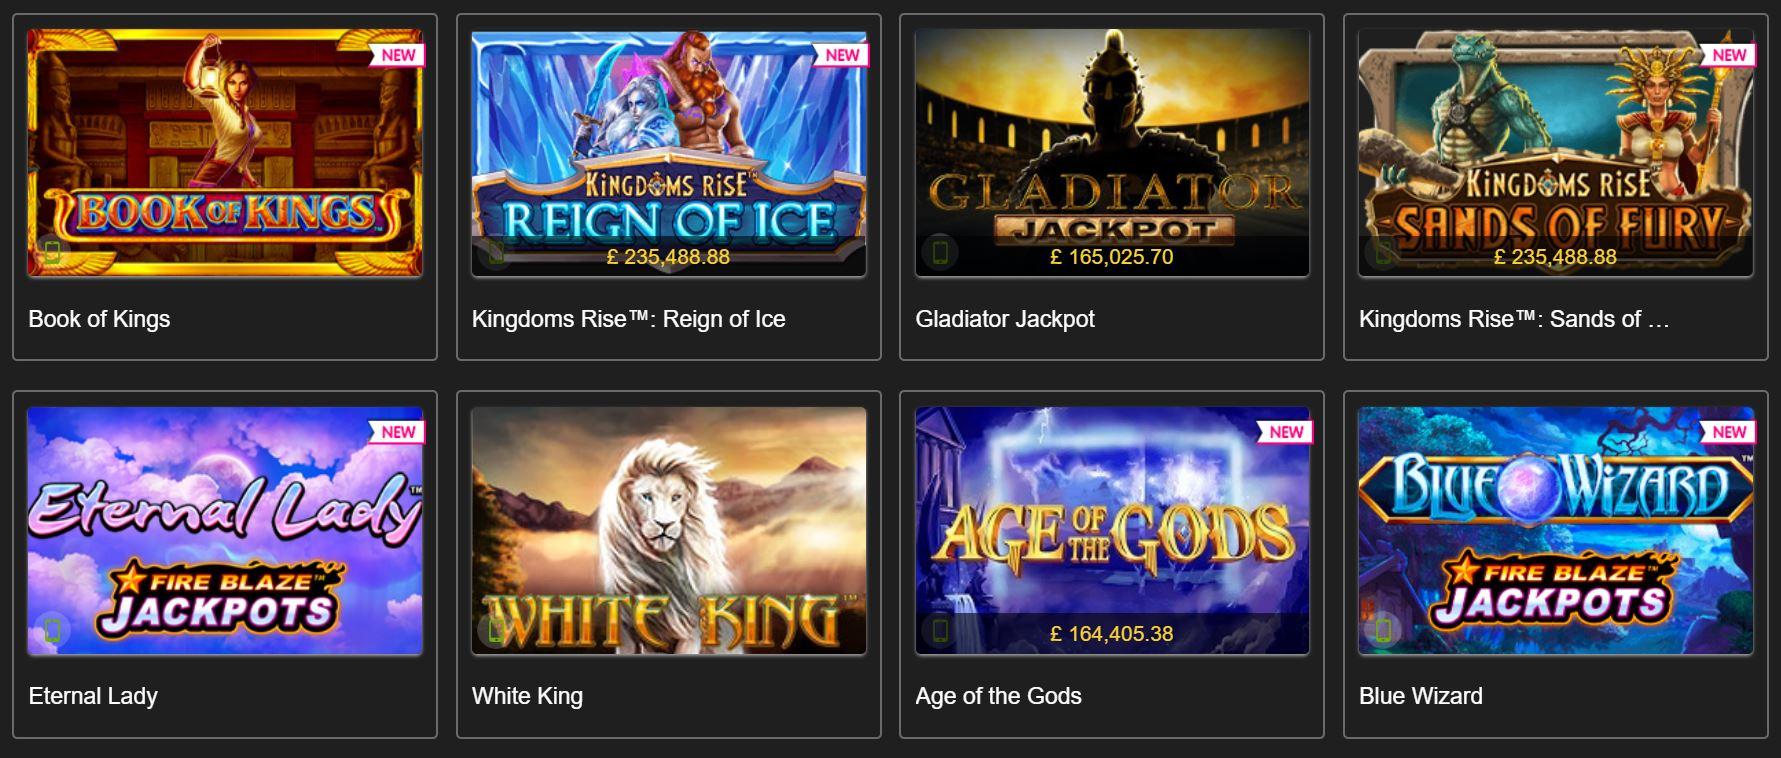 Podrás jugar a una gran variedad de juegos de casino en titanbet.